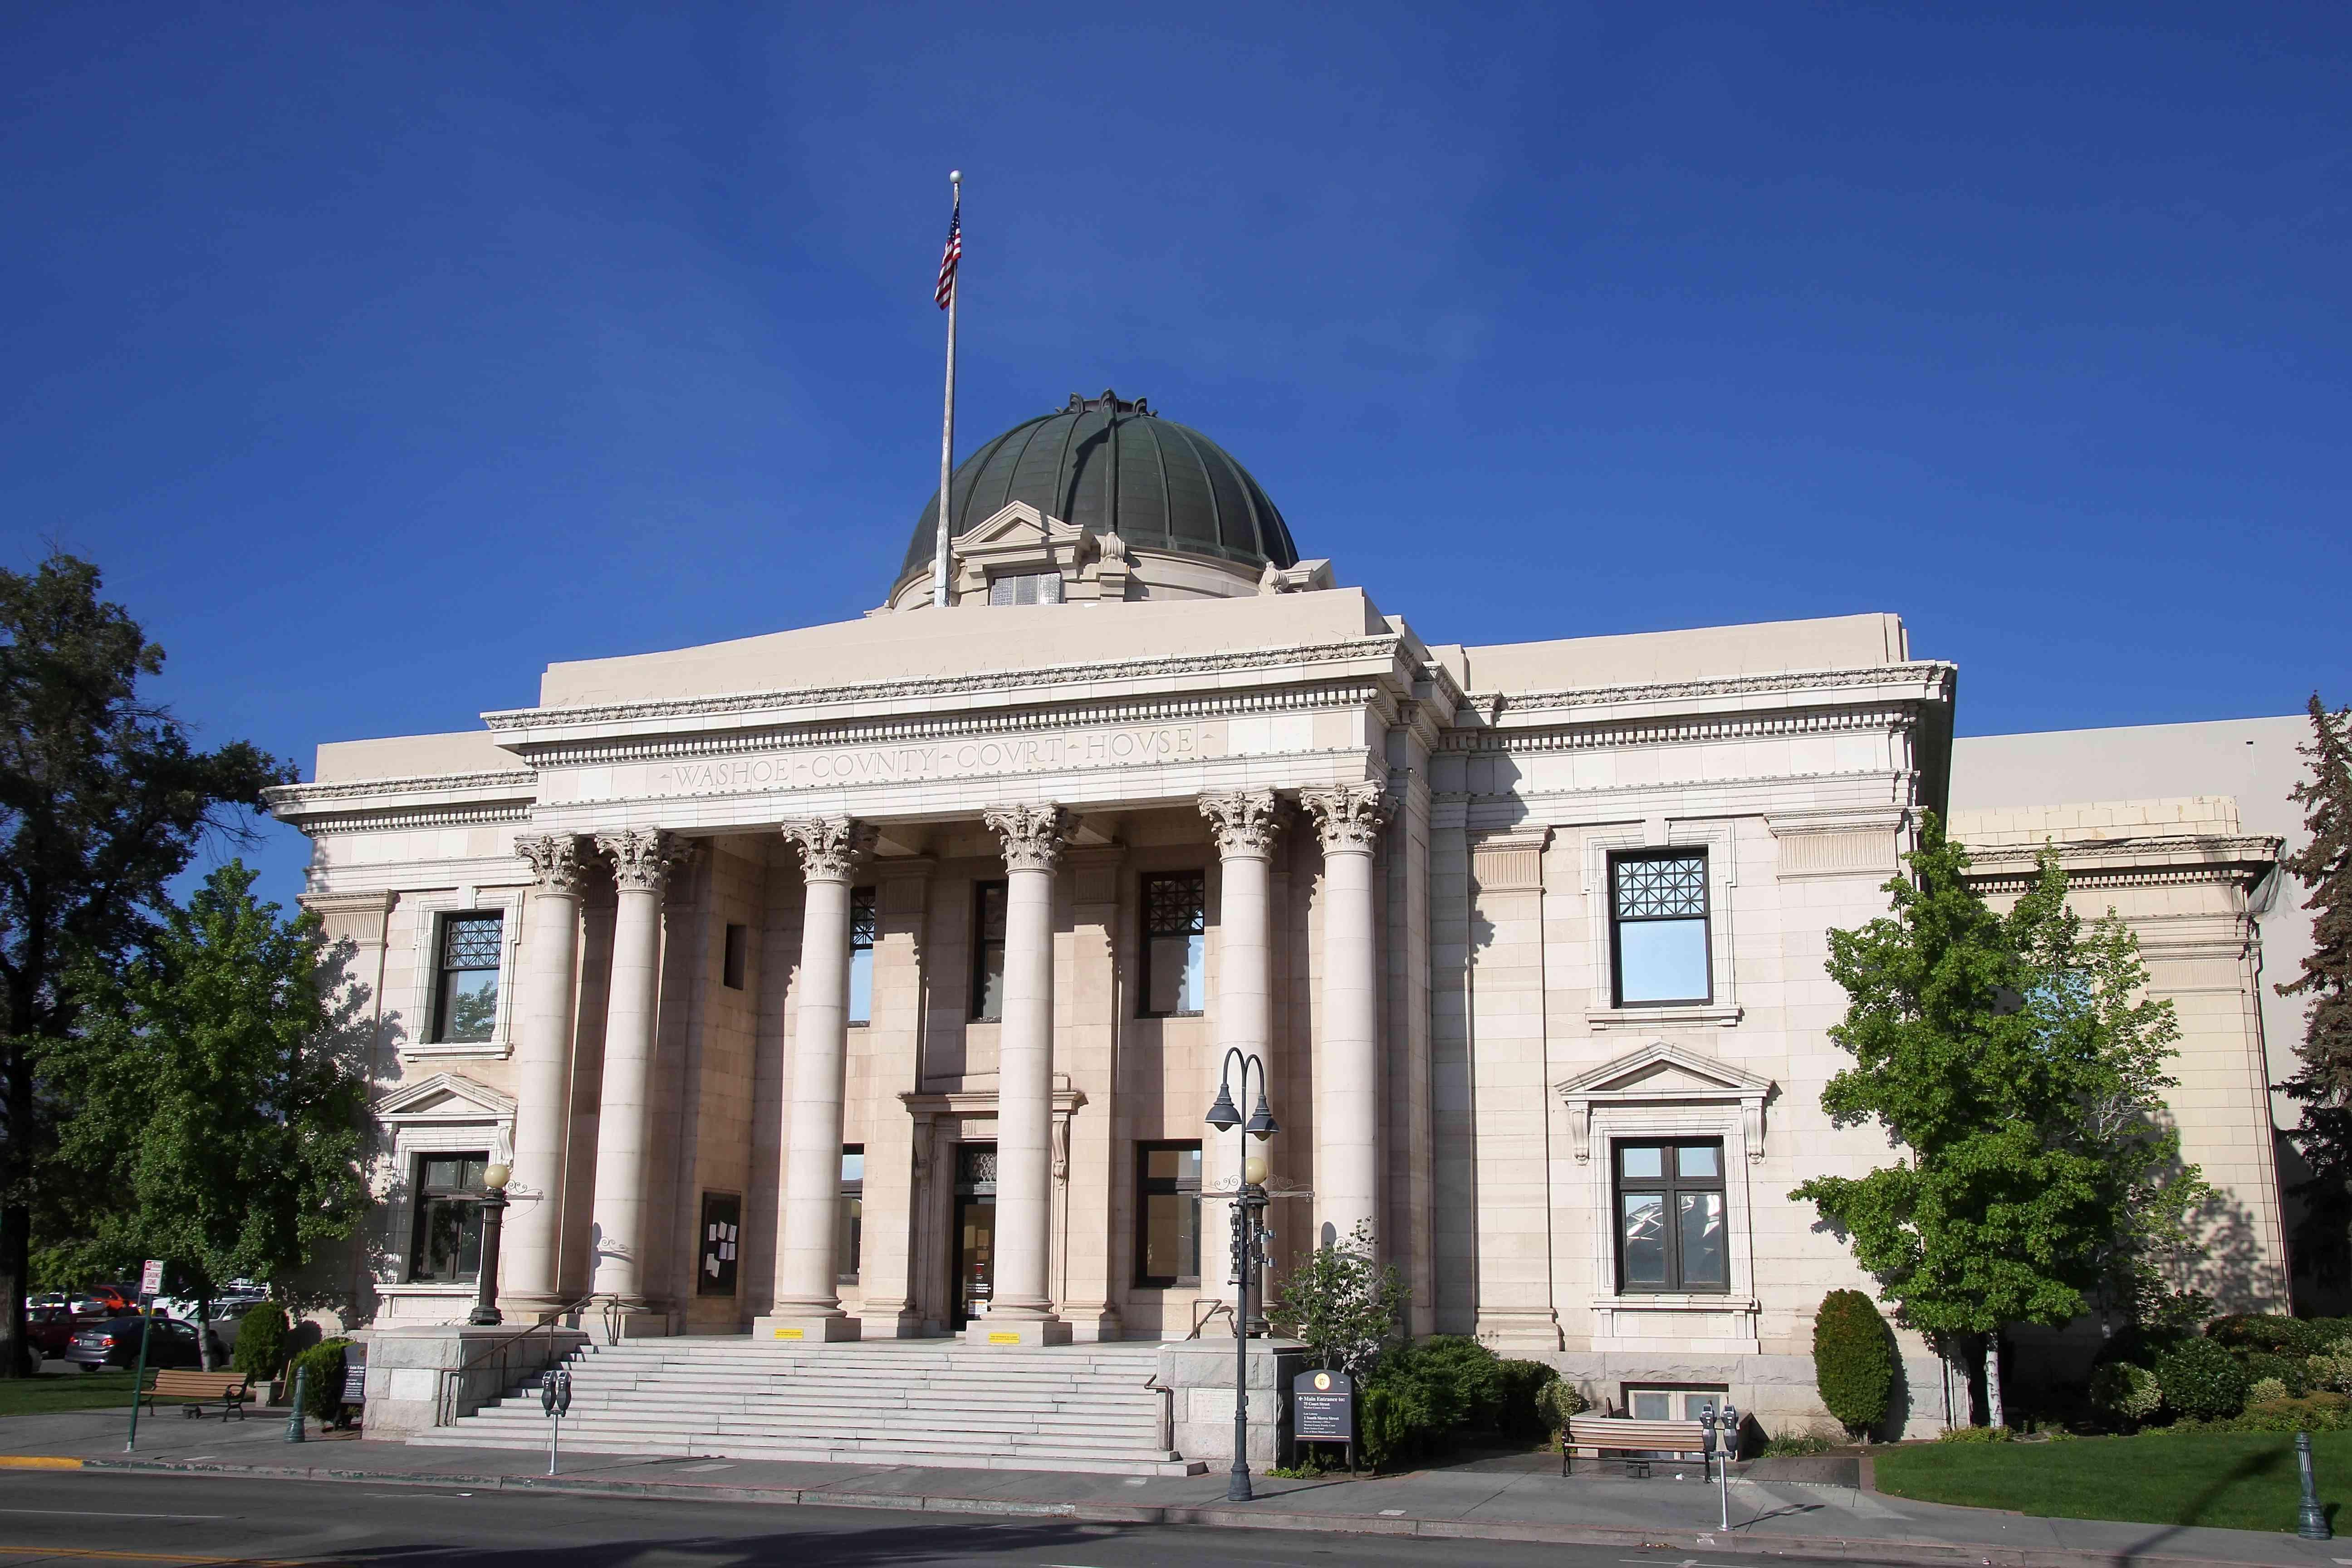 Palacio de justicia del condado de Washoe en Reno, Nevada